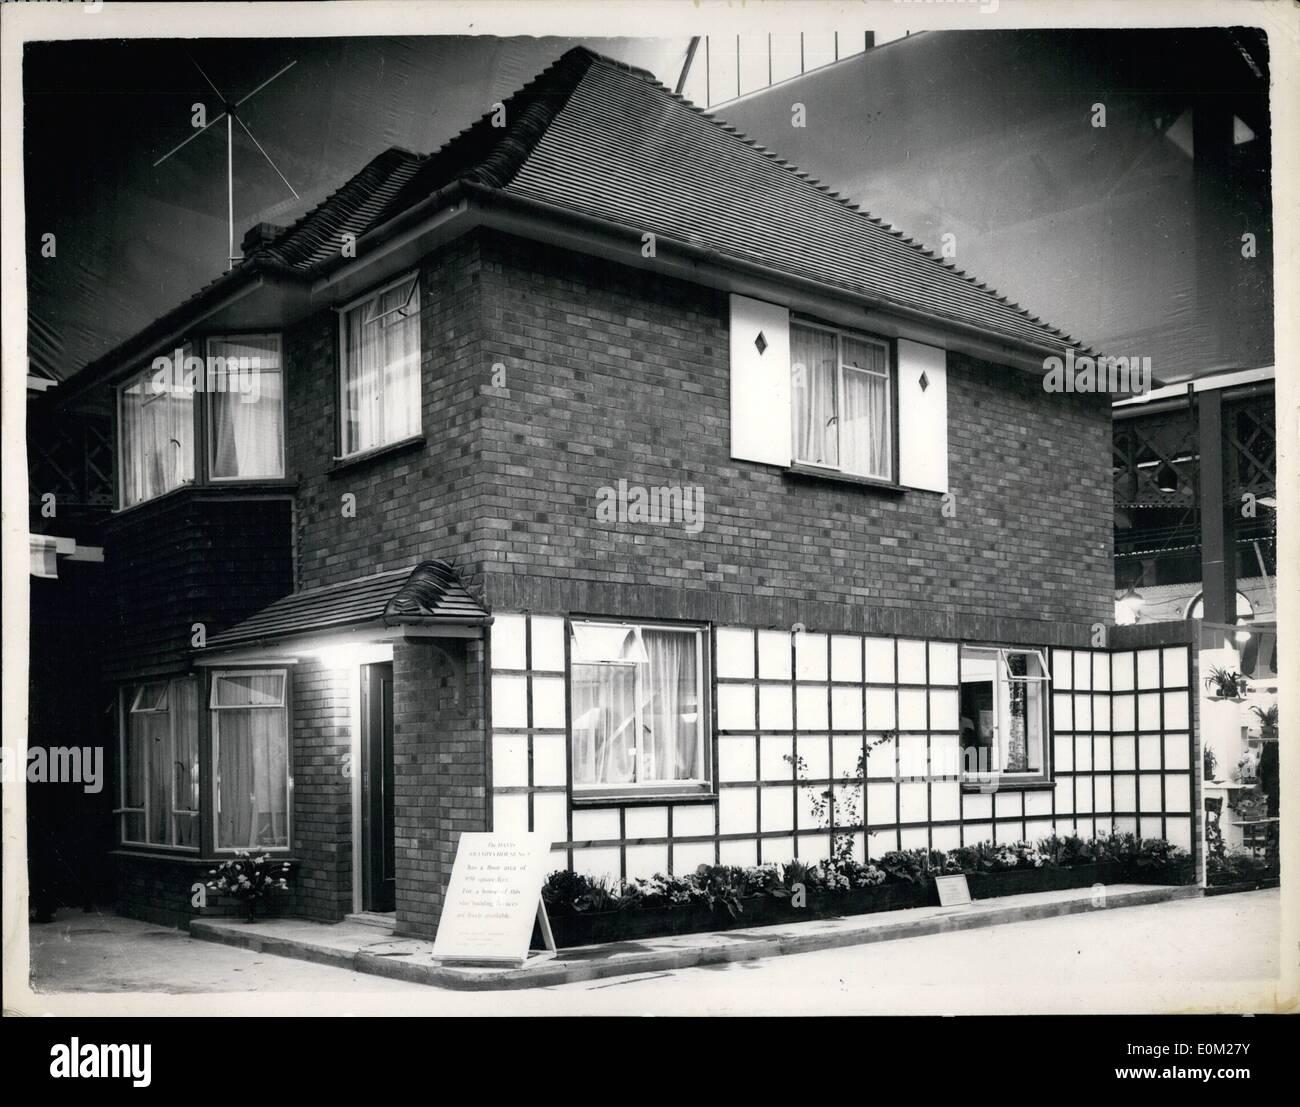 Price 1953 Stockfotos & Price 1953 Bilder - Alamy